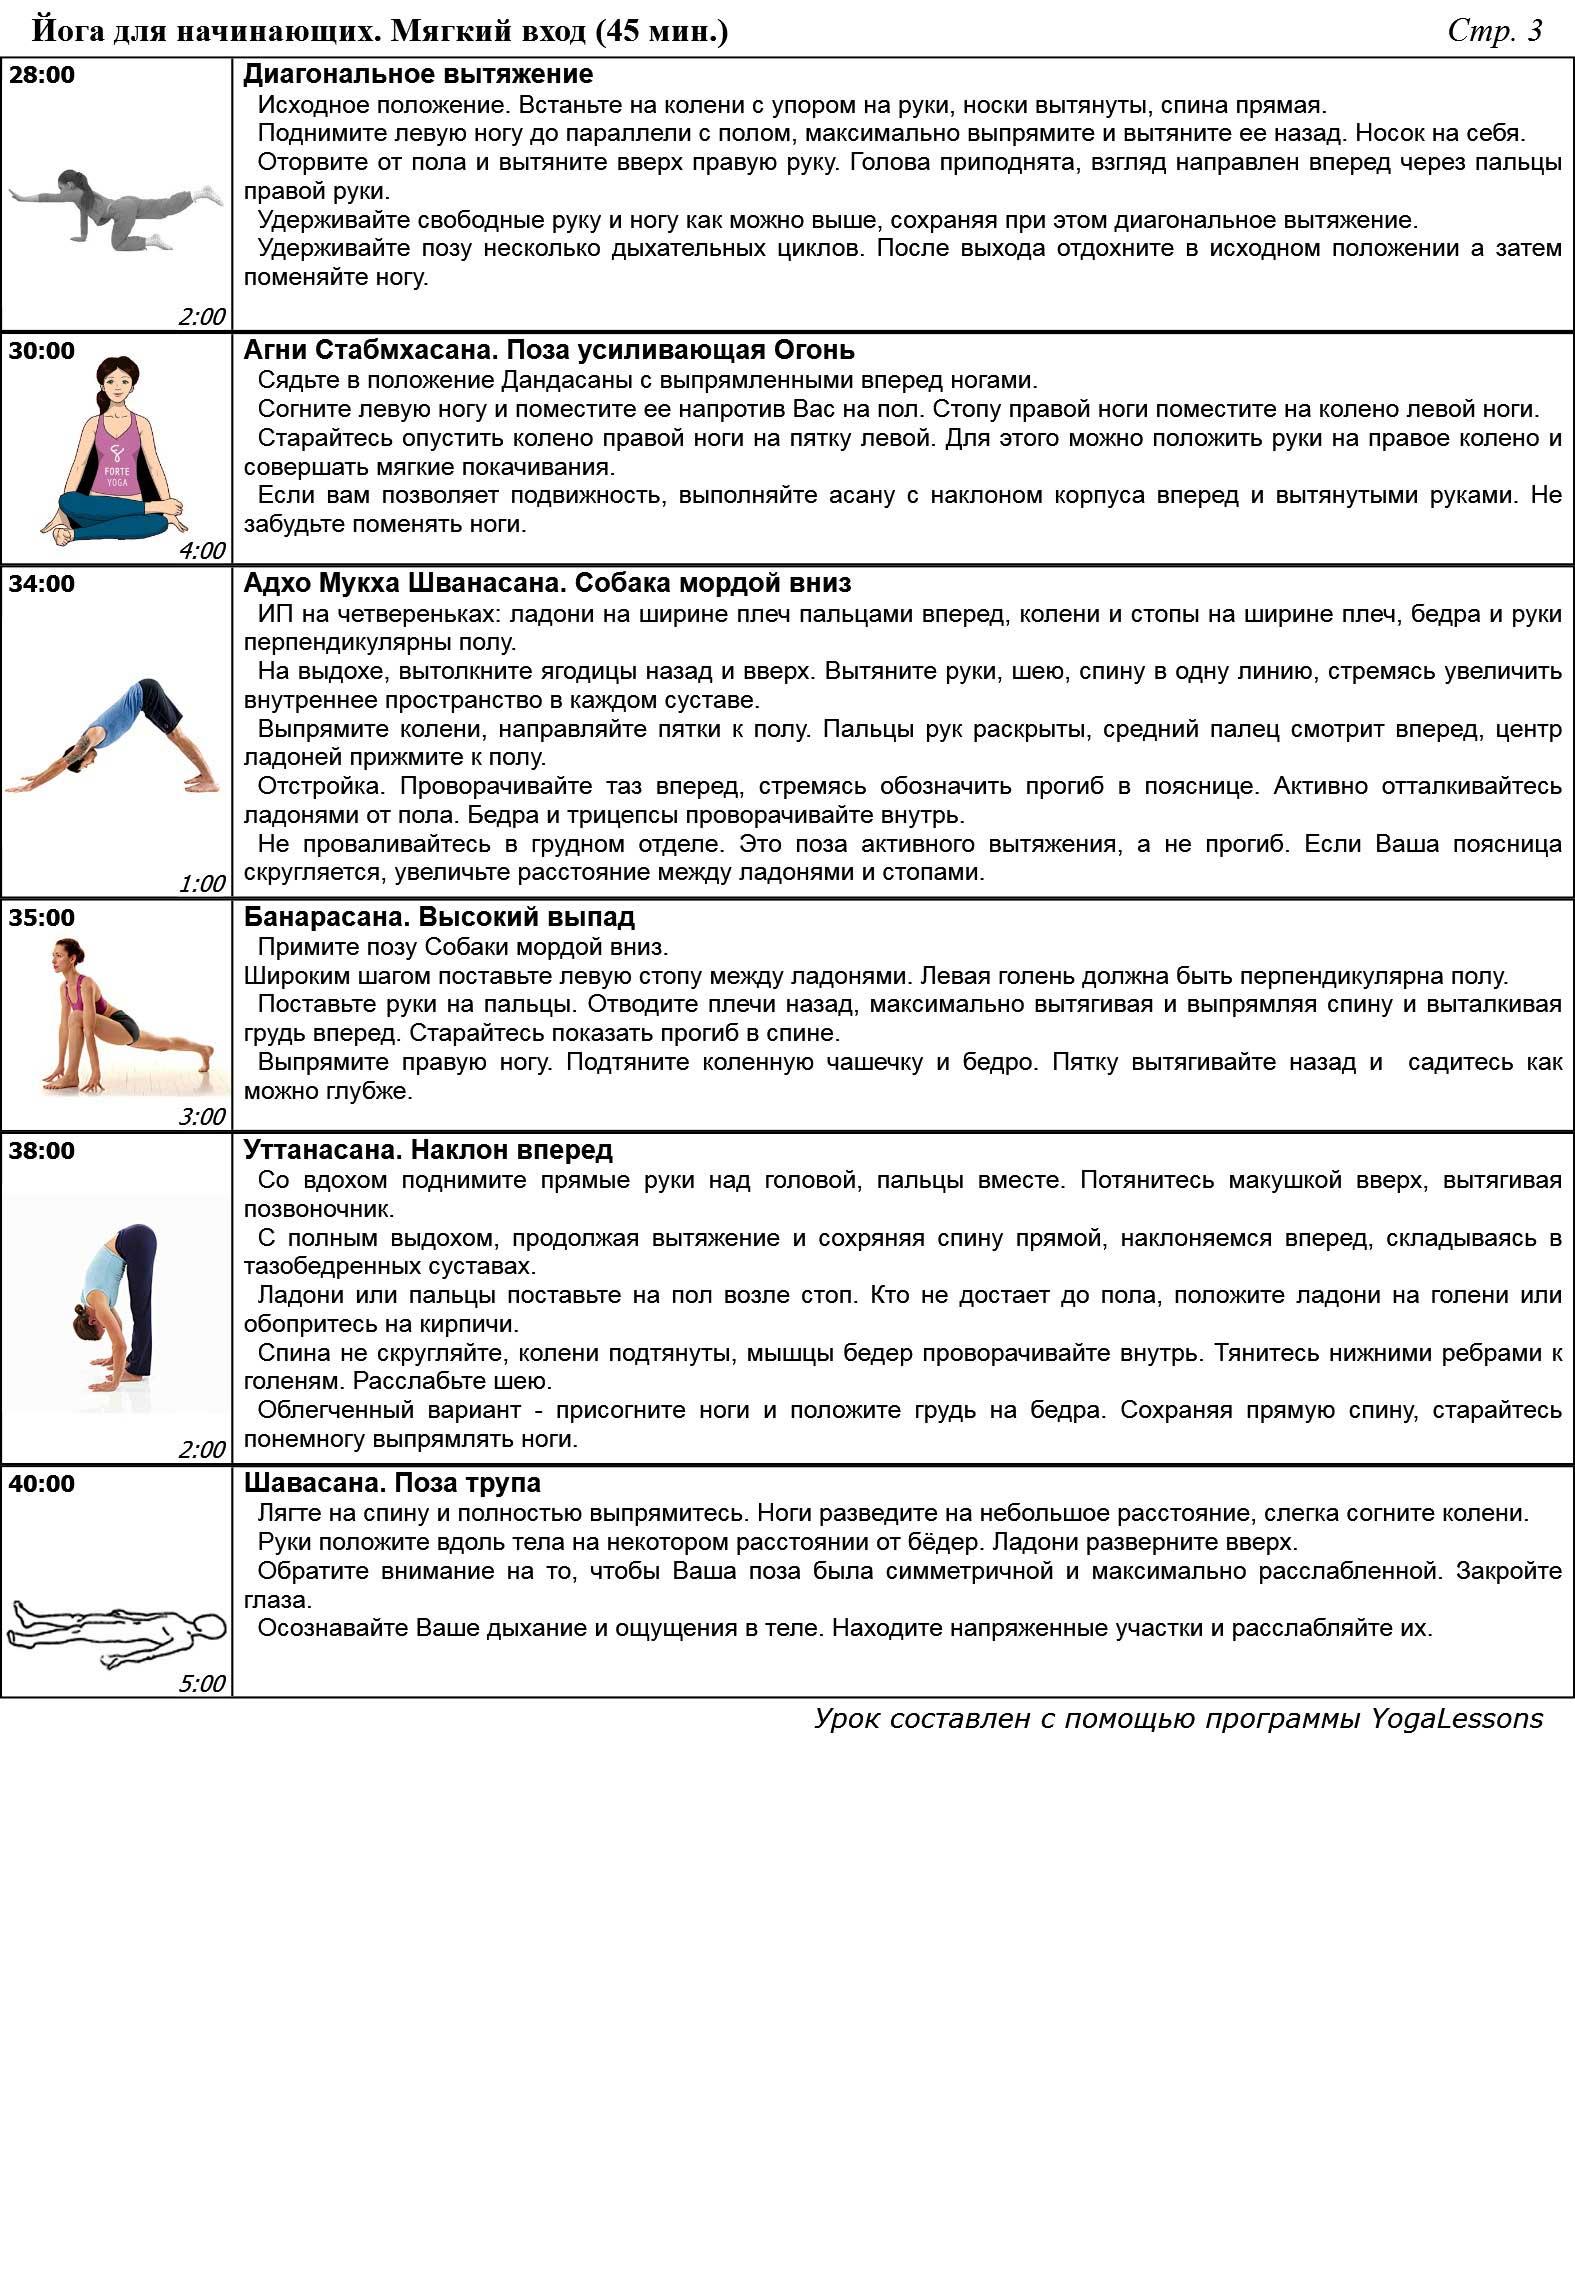 Йога инструкция с картинками